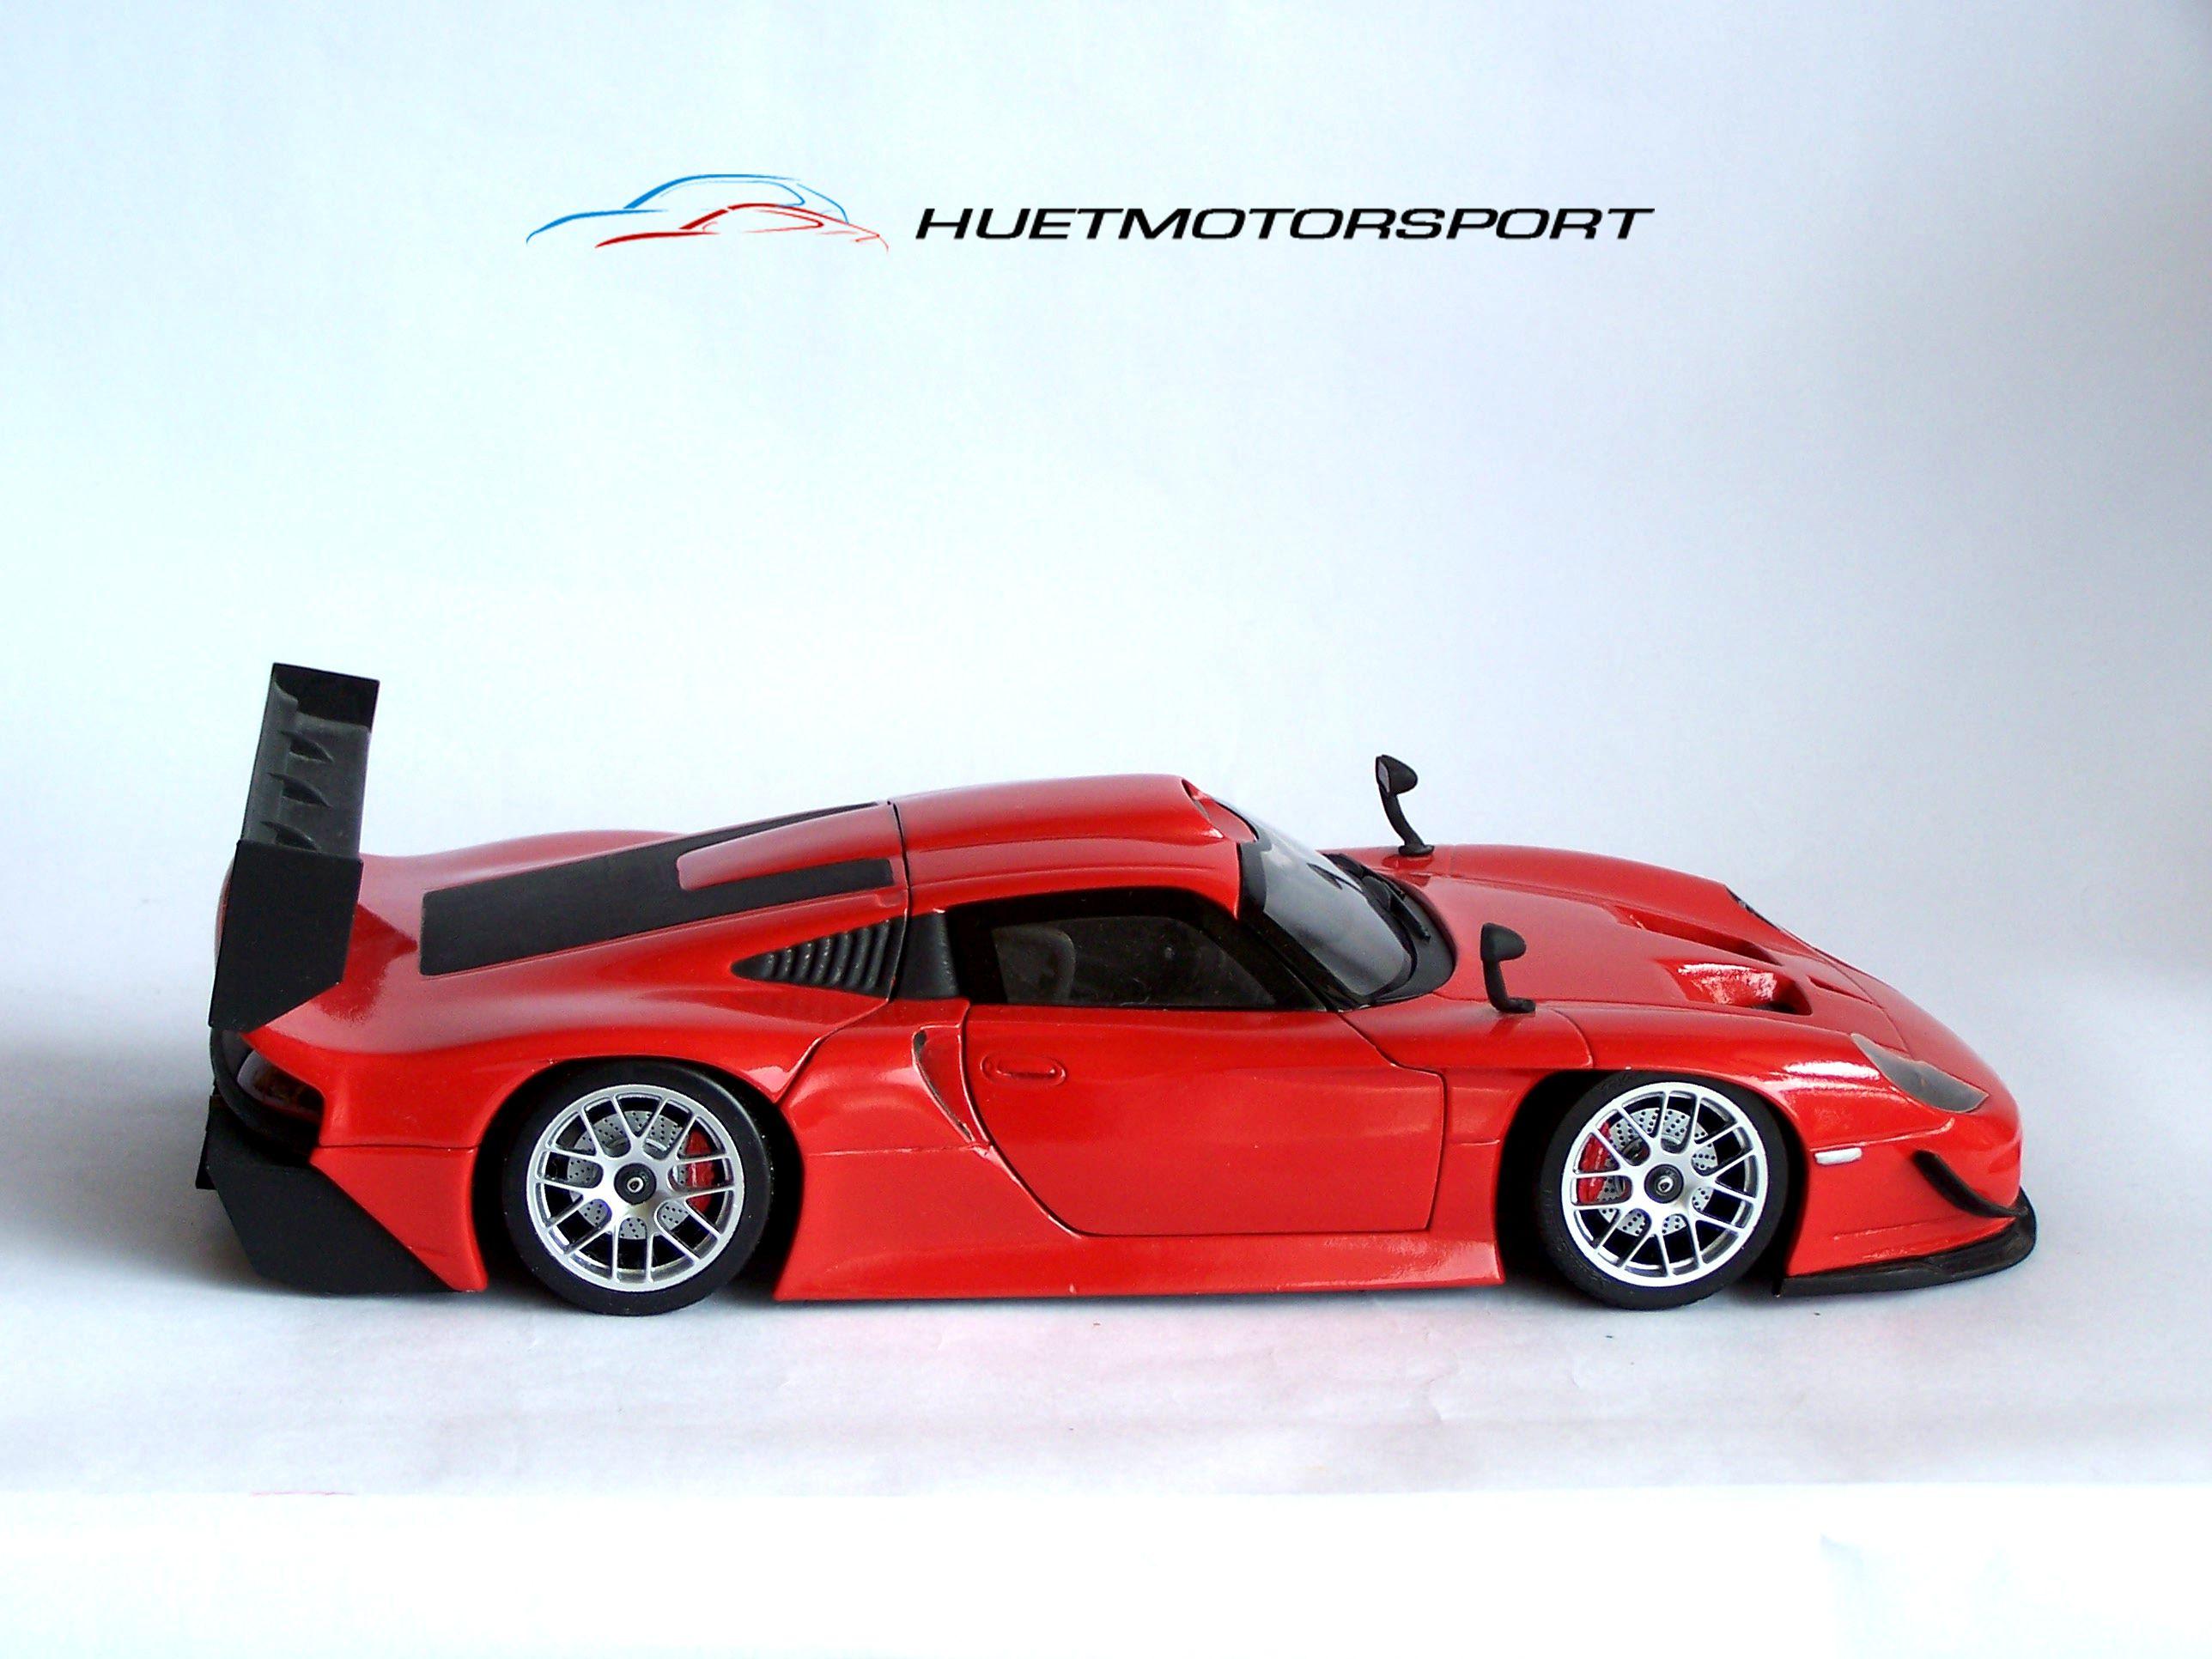 8b82fa5e1e9369164e44bc53e27ca627 Outstanding Maisto Porsche 911 Gt1 Le Mans 1998 Cars Trend